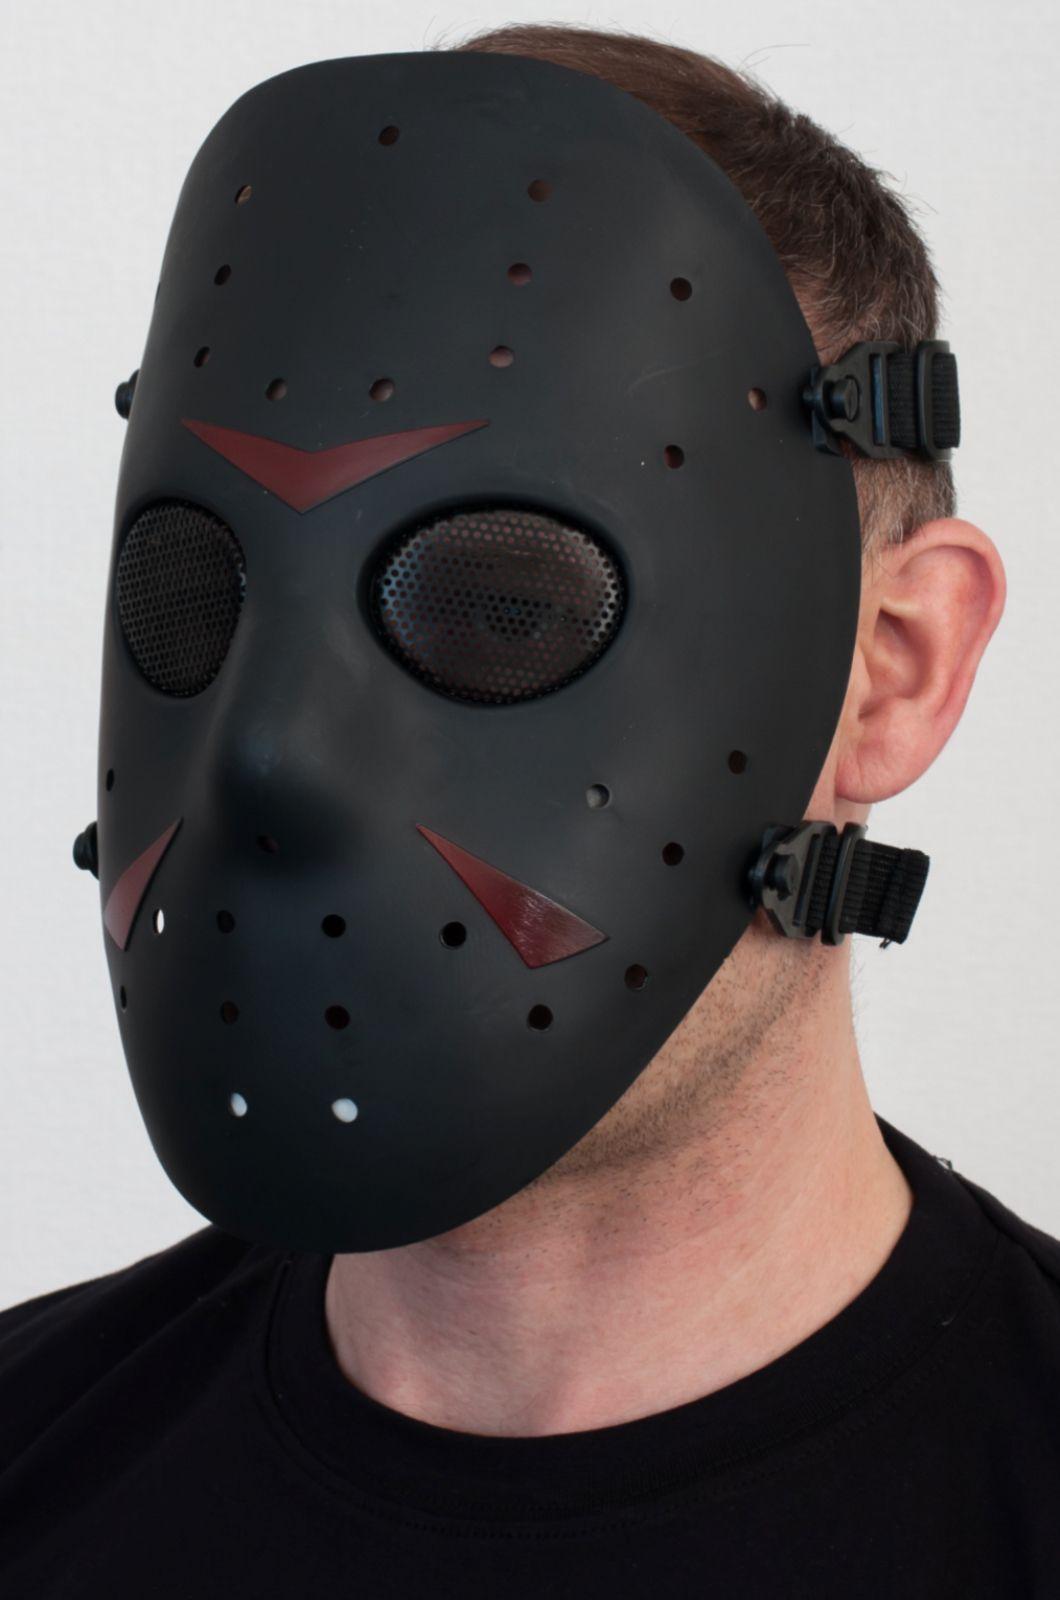 Заказать маску убийцы Джейсона по выгодной цене